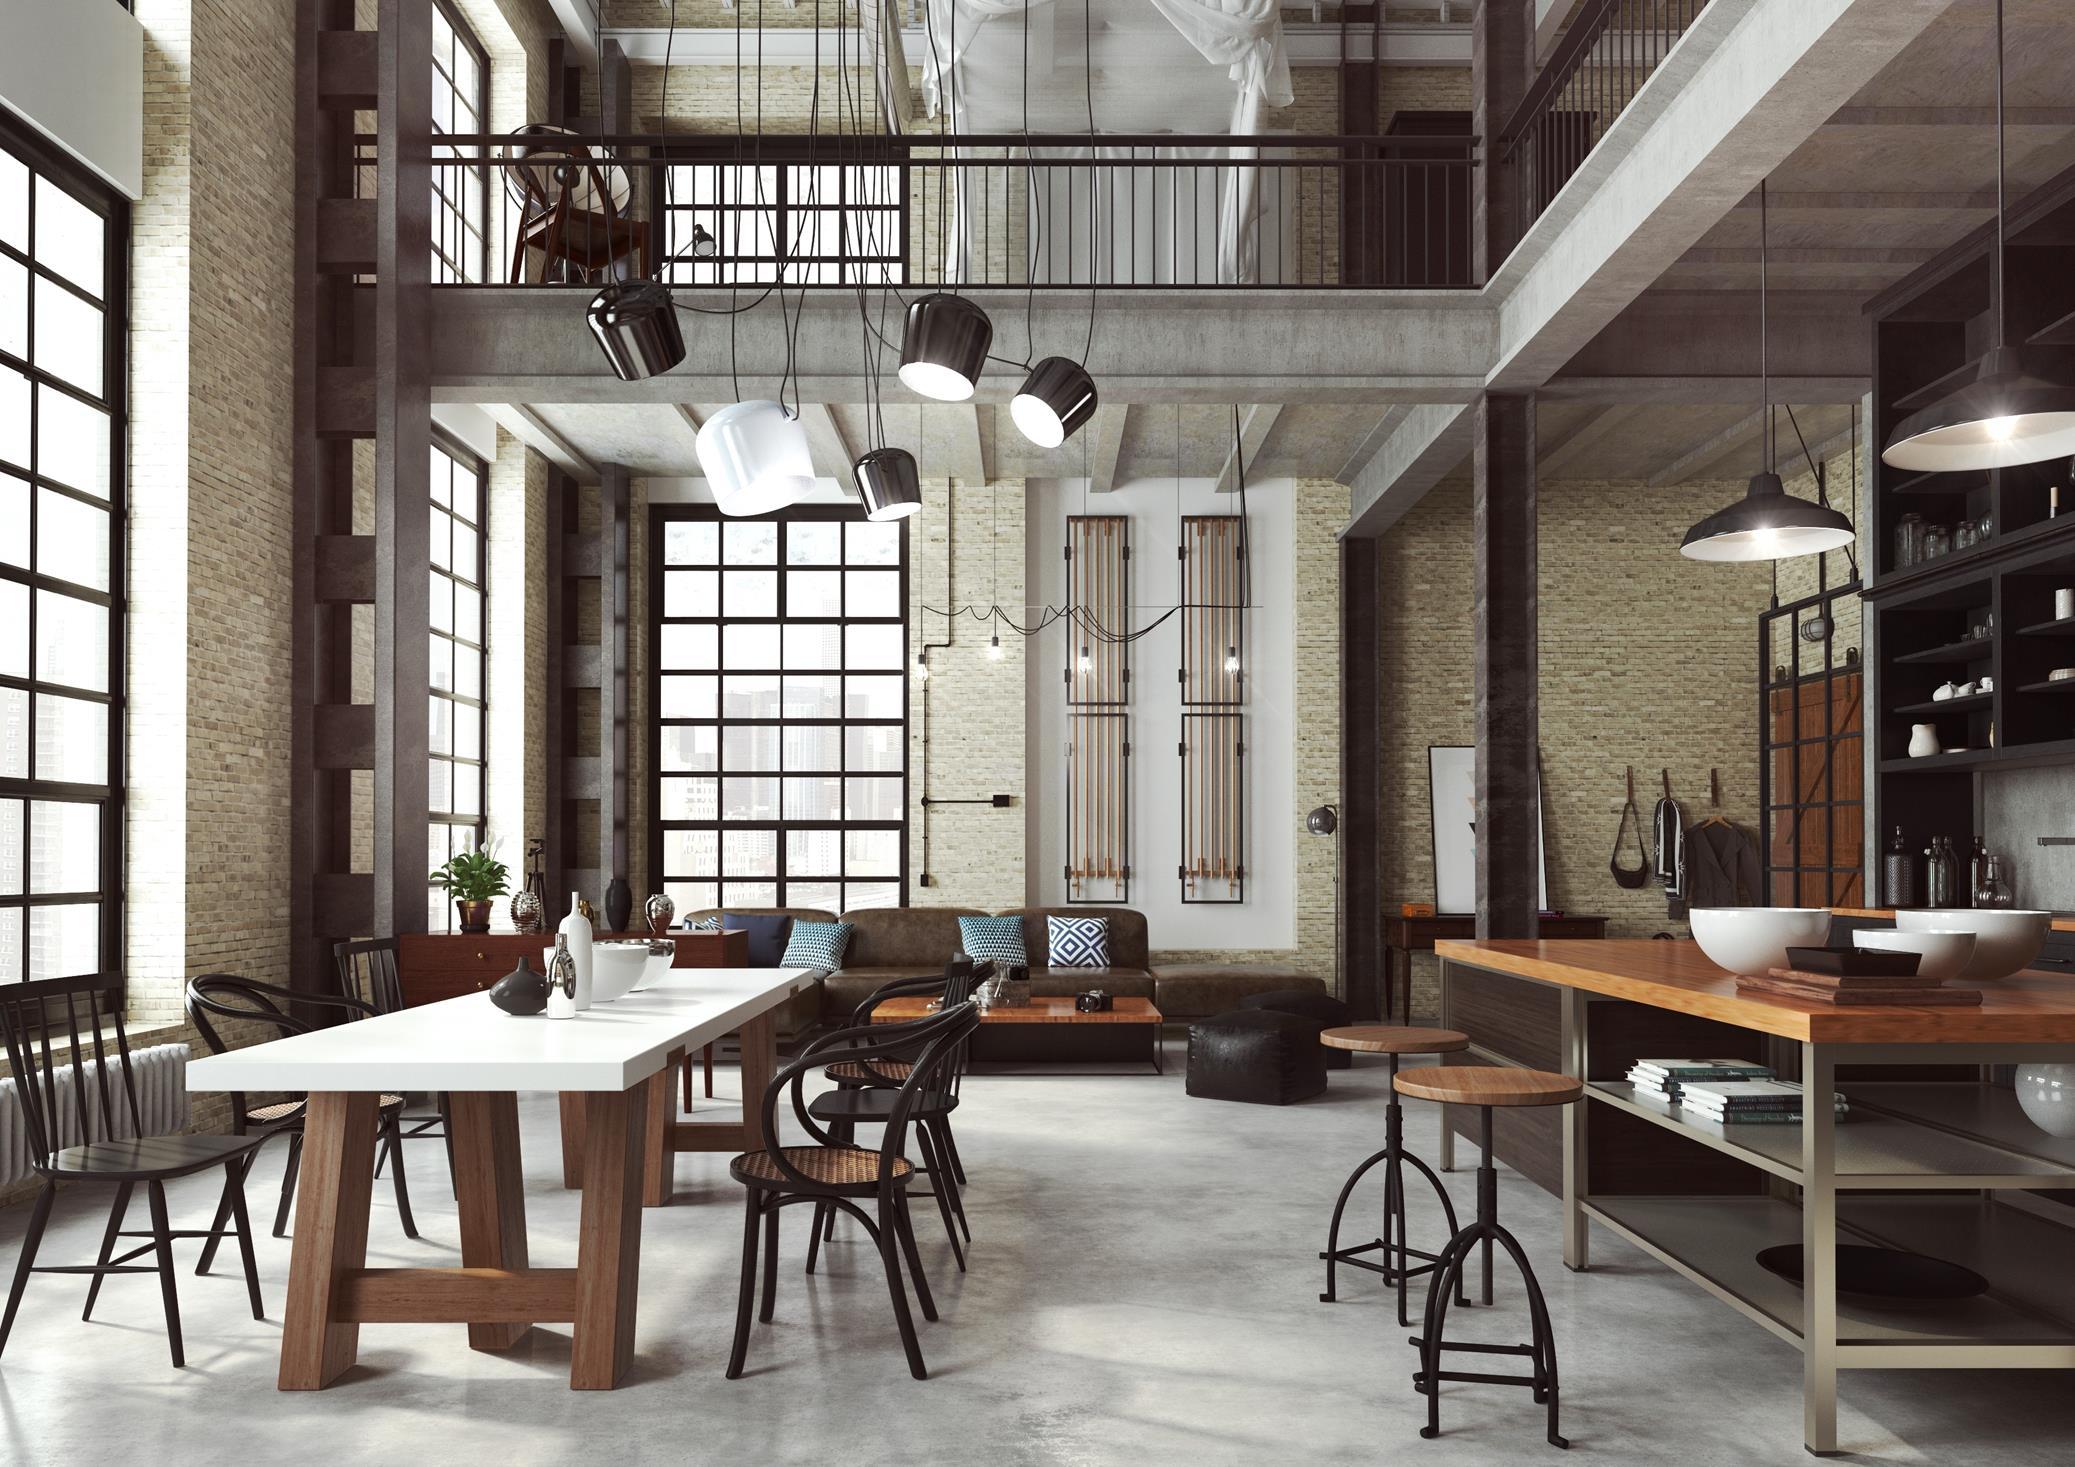 pomysl-na-aranzacje-kawiarni-architekt-wnetrz-Subdadesign-2